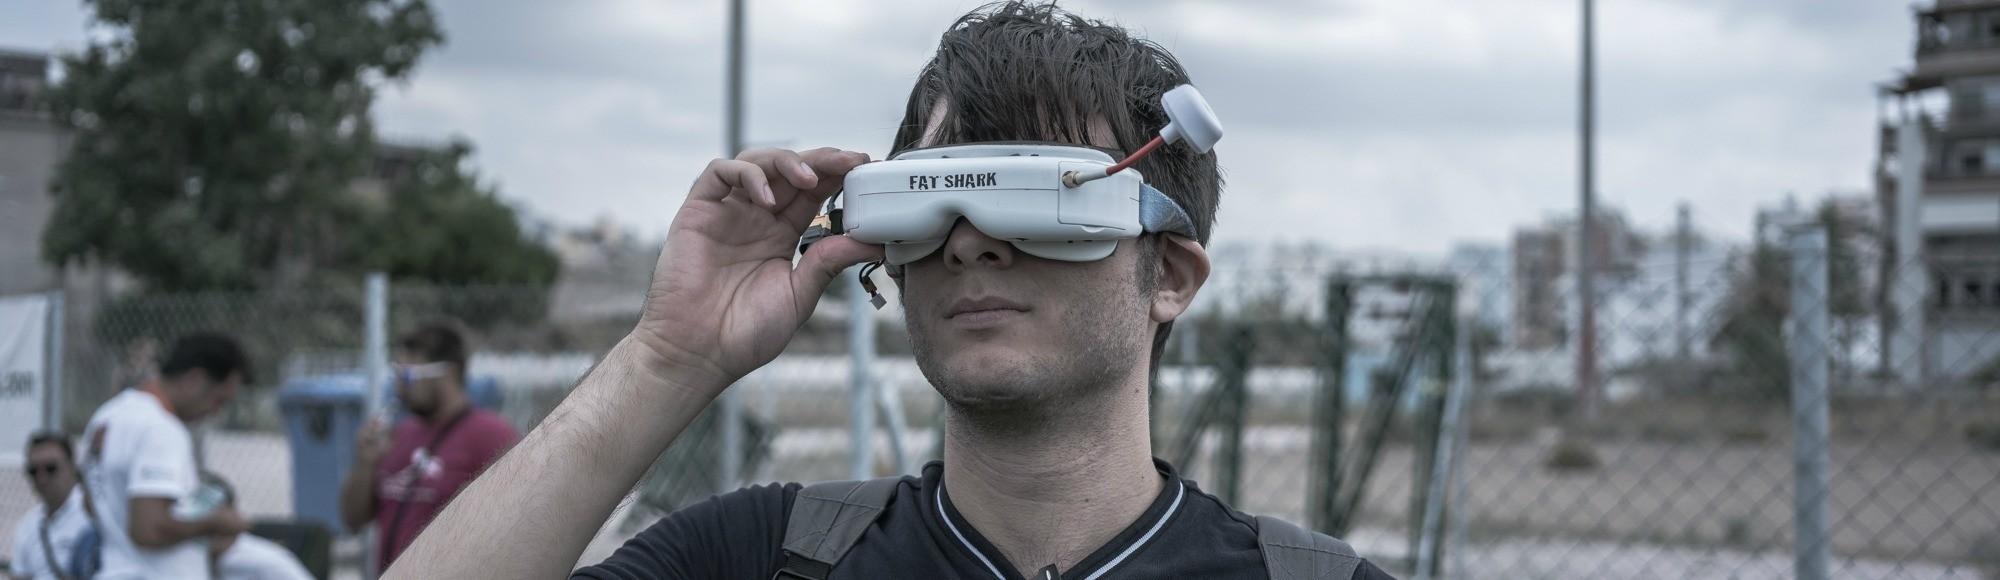 Βρεθήκαμε στους Πρώτους Αγώνες Tαχύτητας με Drones στην Αθήνα